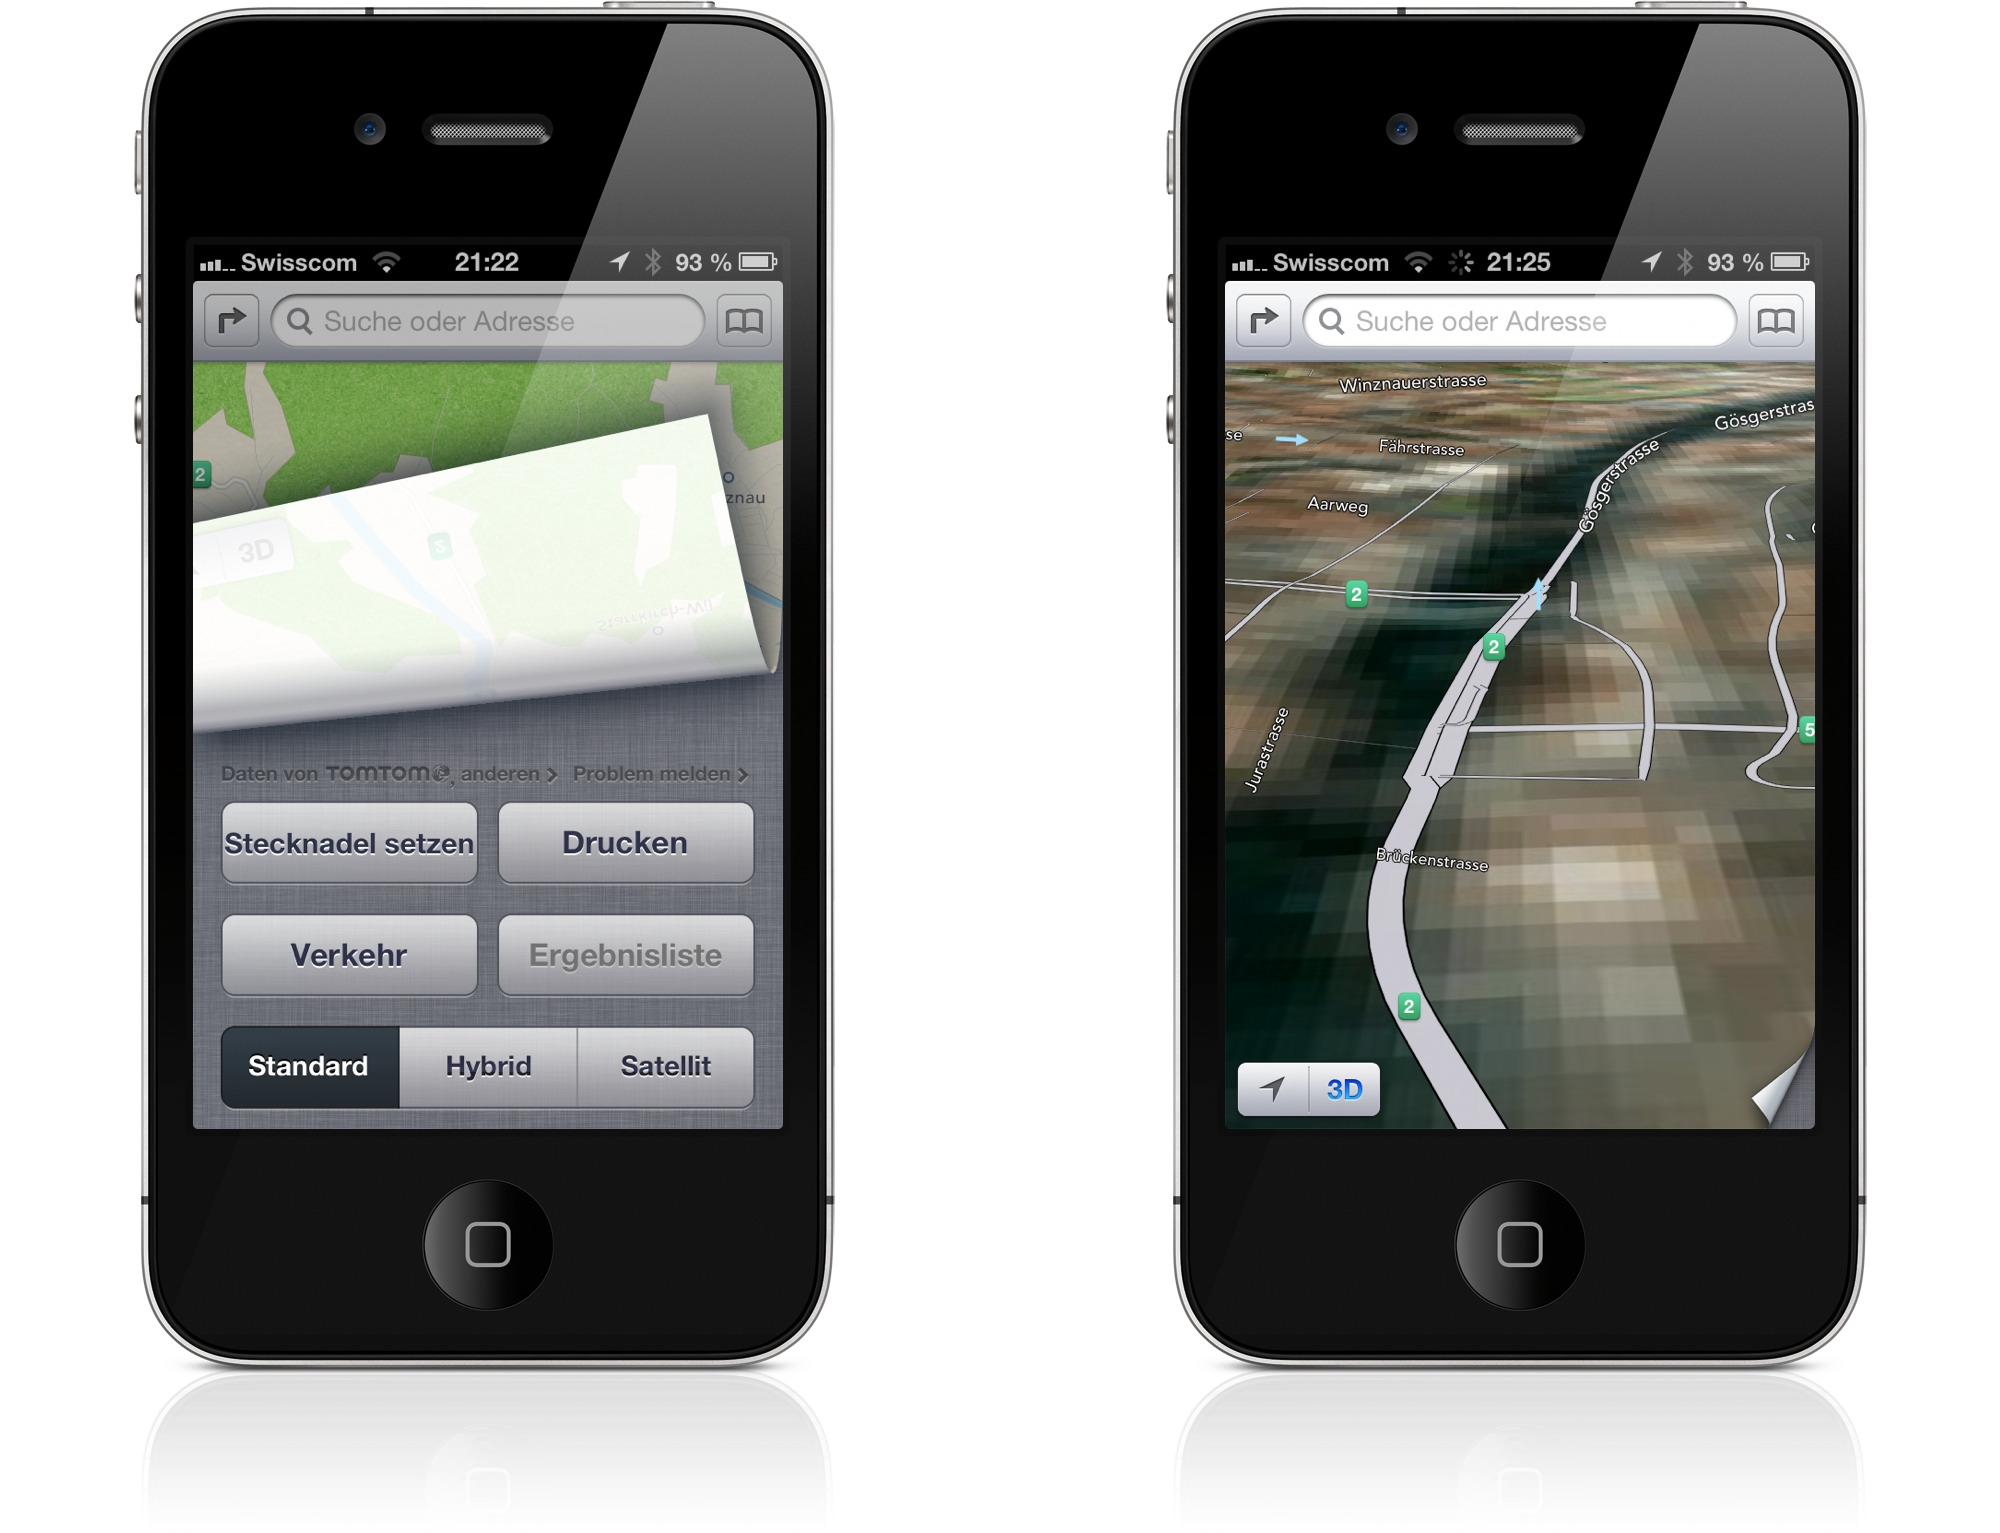 Die Karten App von iOS 6 hat Verbesserungspotential